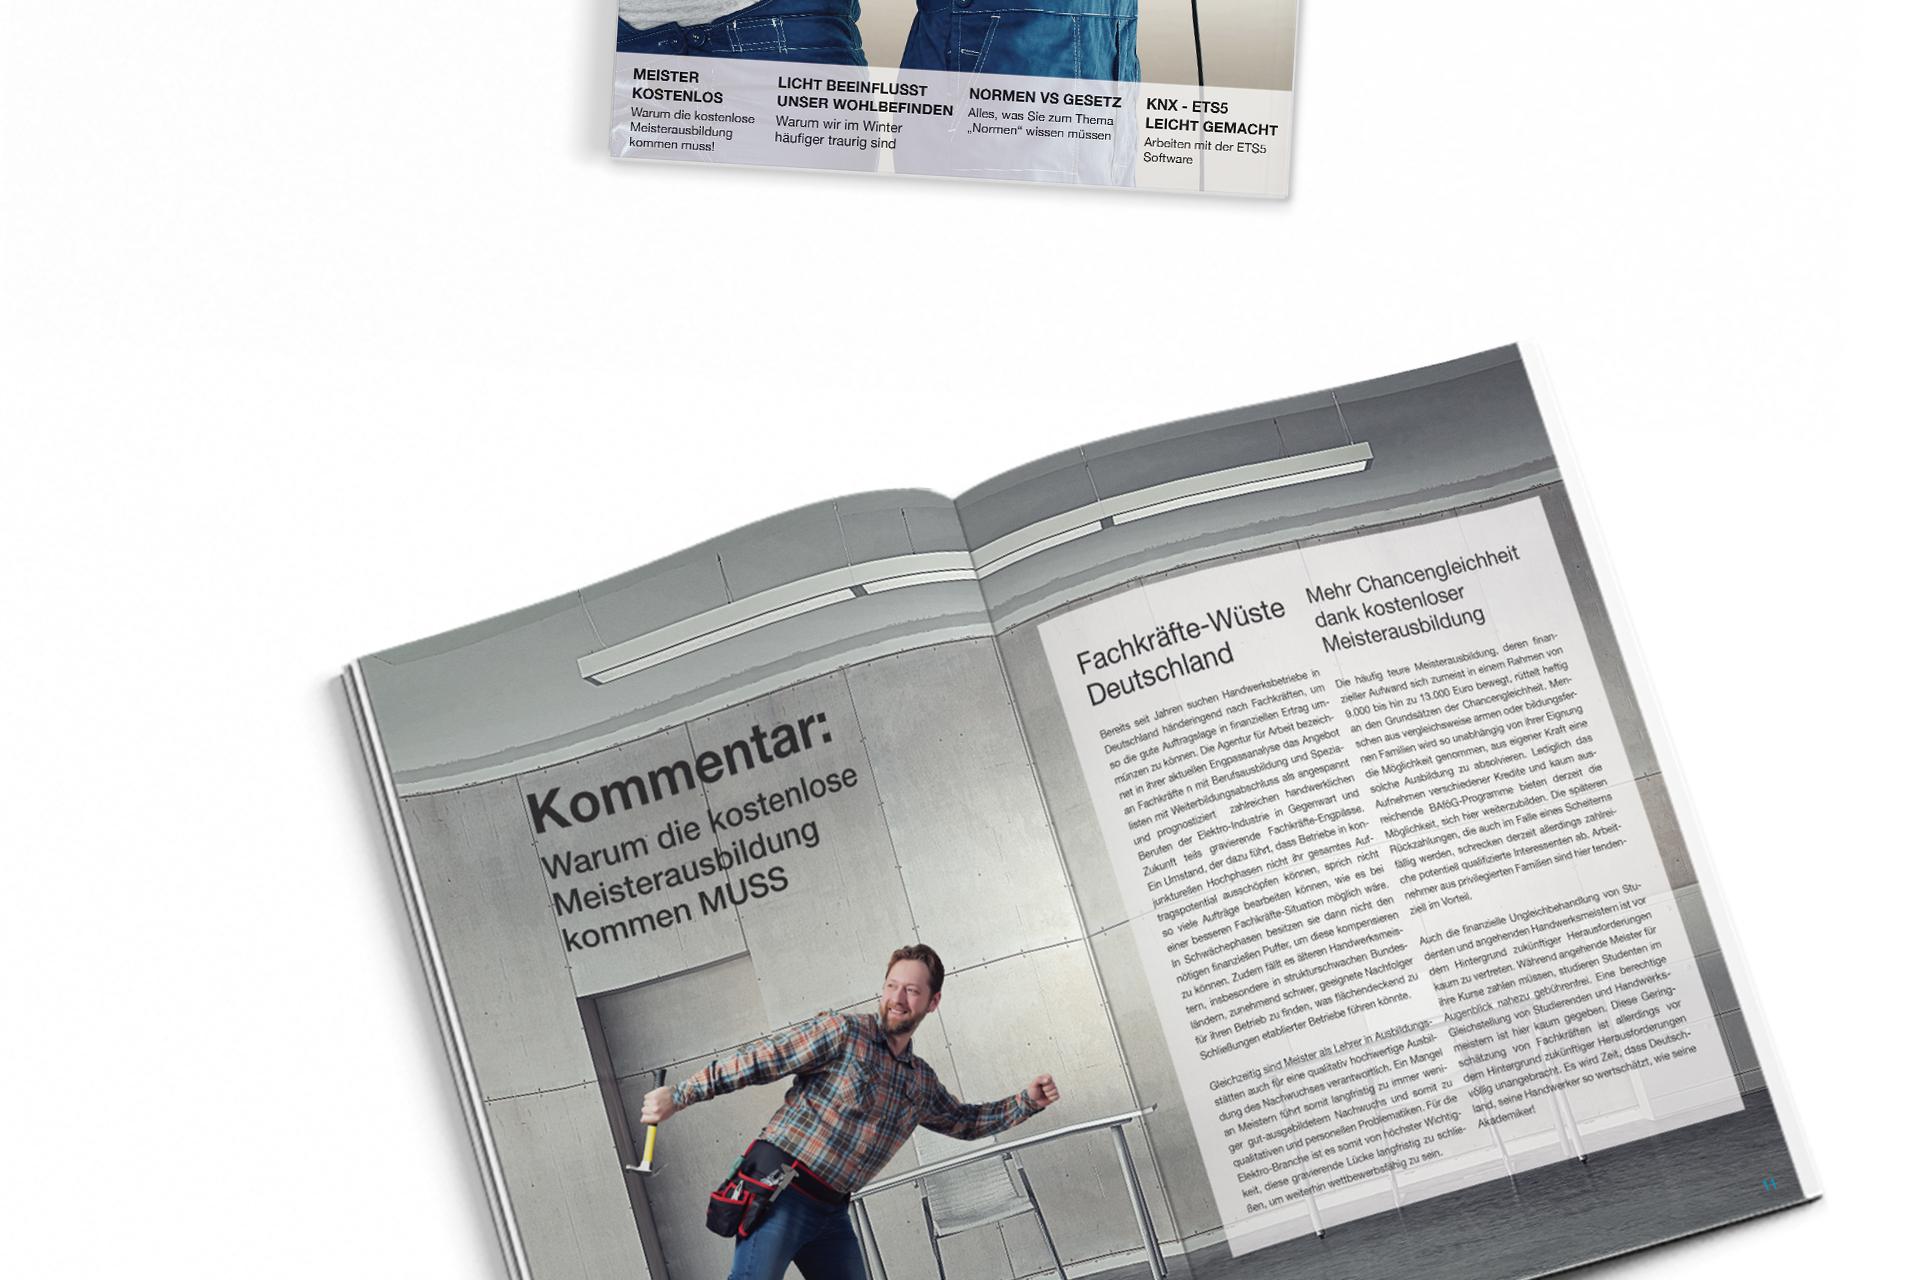 Ziemlich Elektro Design Software Kostenlos Bilder - Der Schaltplan ...